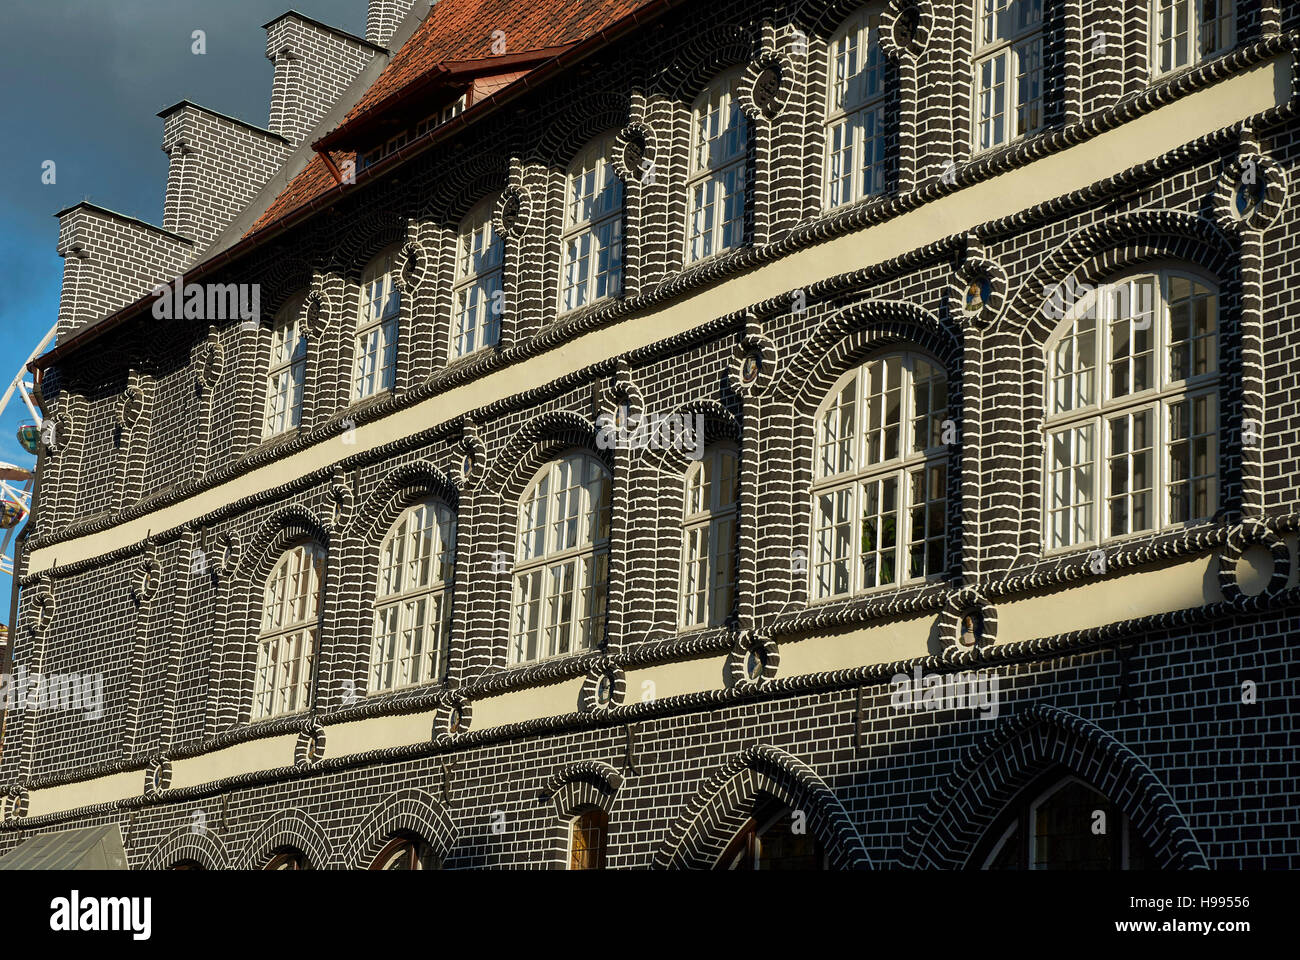 Historical Chamber of Commerce of the old Hansestadt Lüneburg, Germany - Stock Image